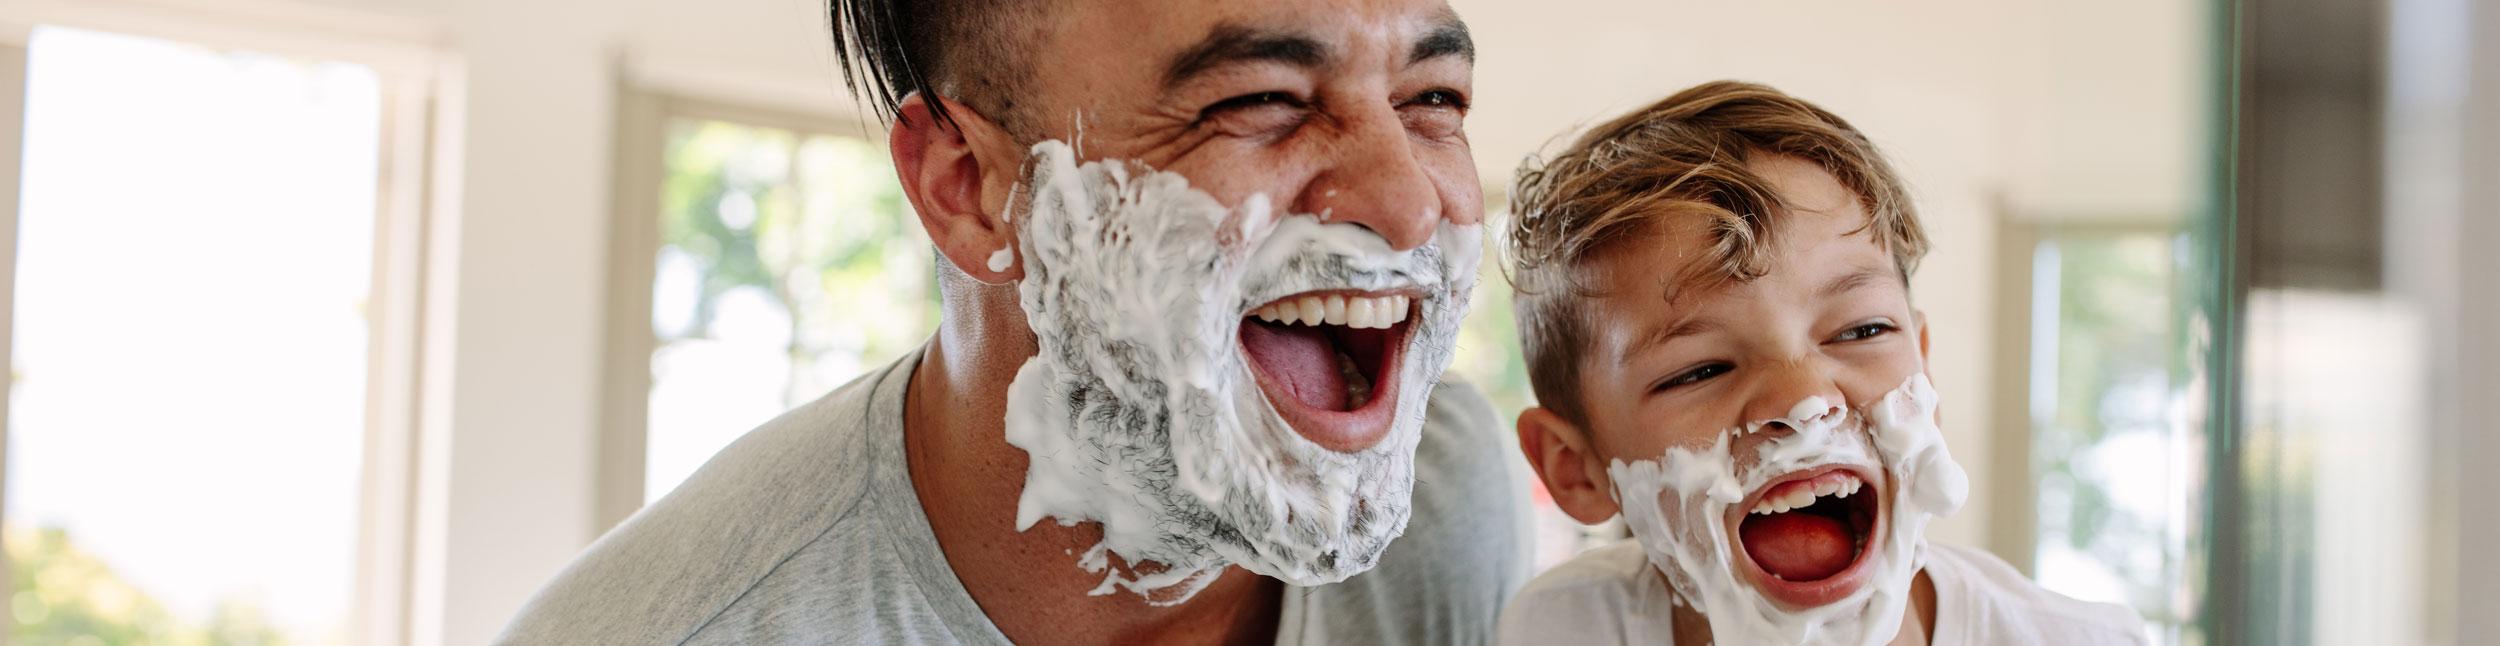 Vater und Sohn mir Rasierschaum im Gesicht lachen in den Spiegel nach Badumbau